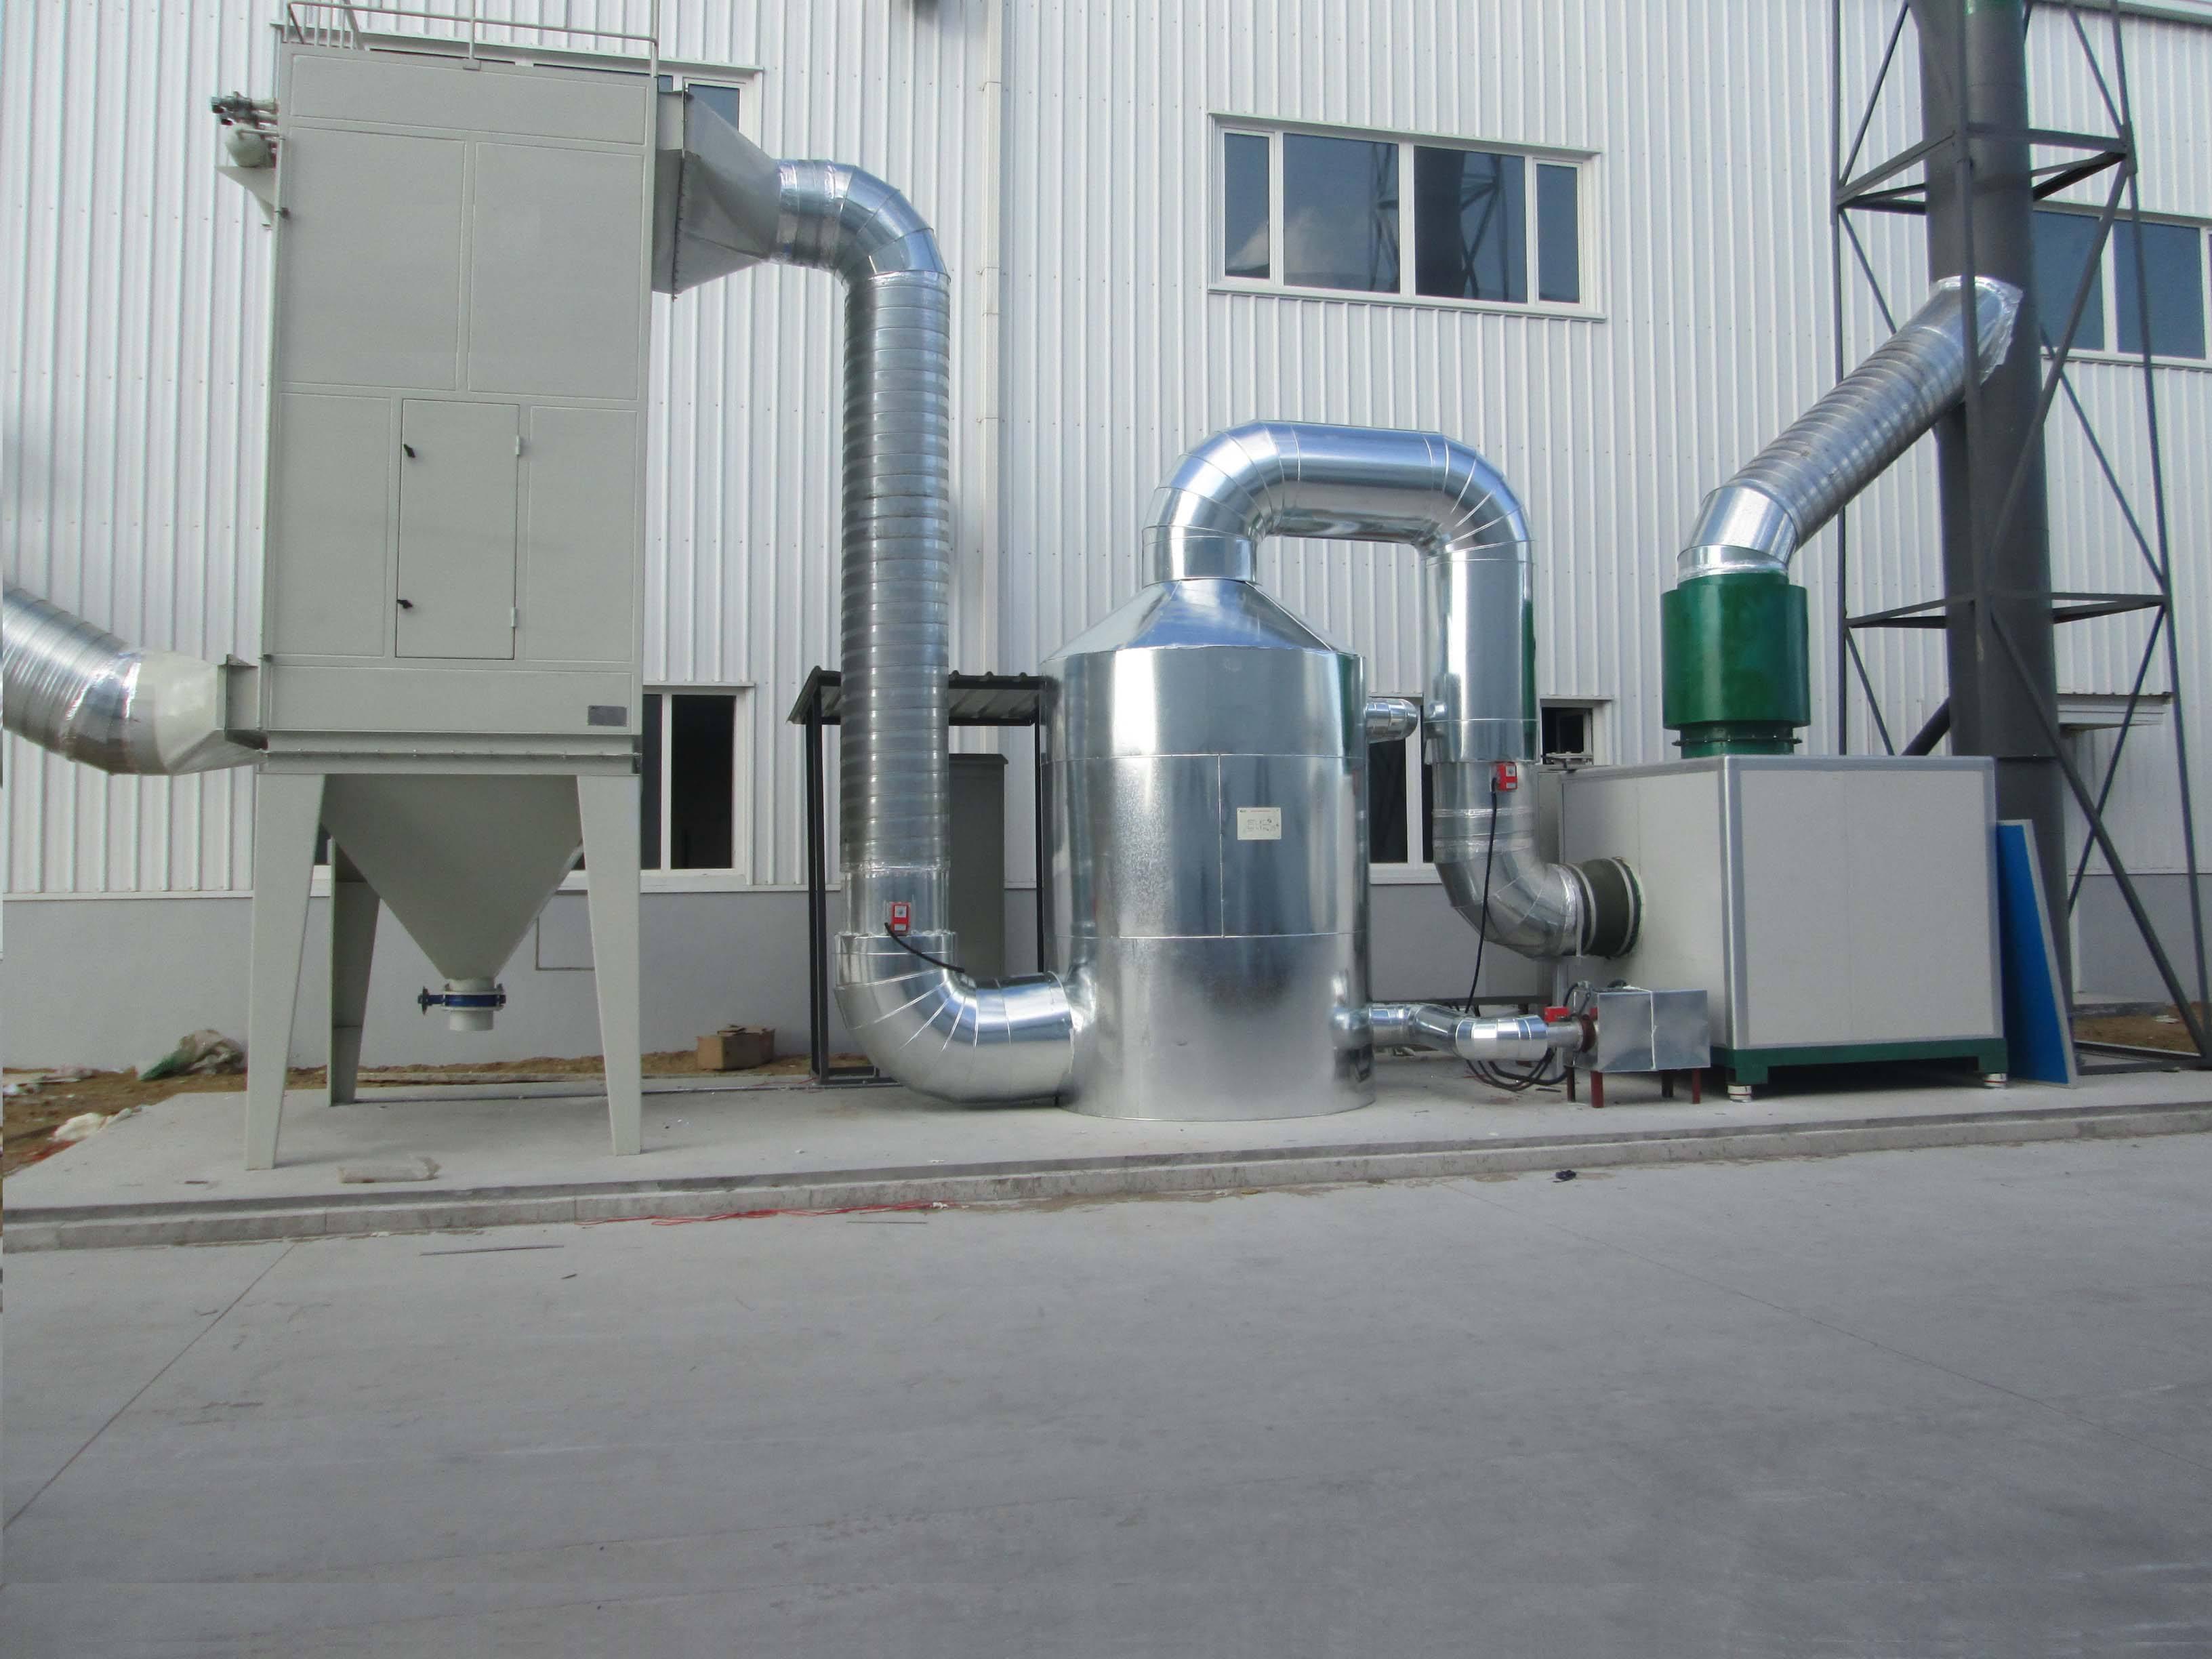 蓄热式催化燃烧系统